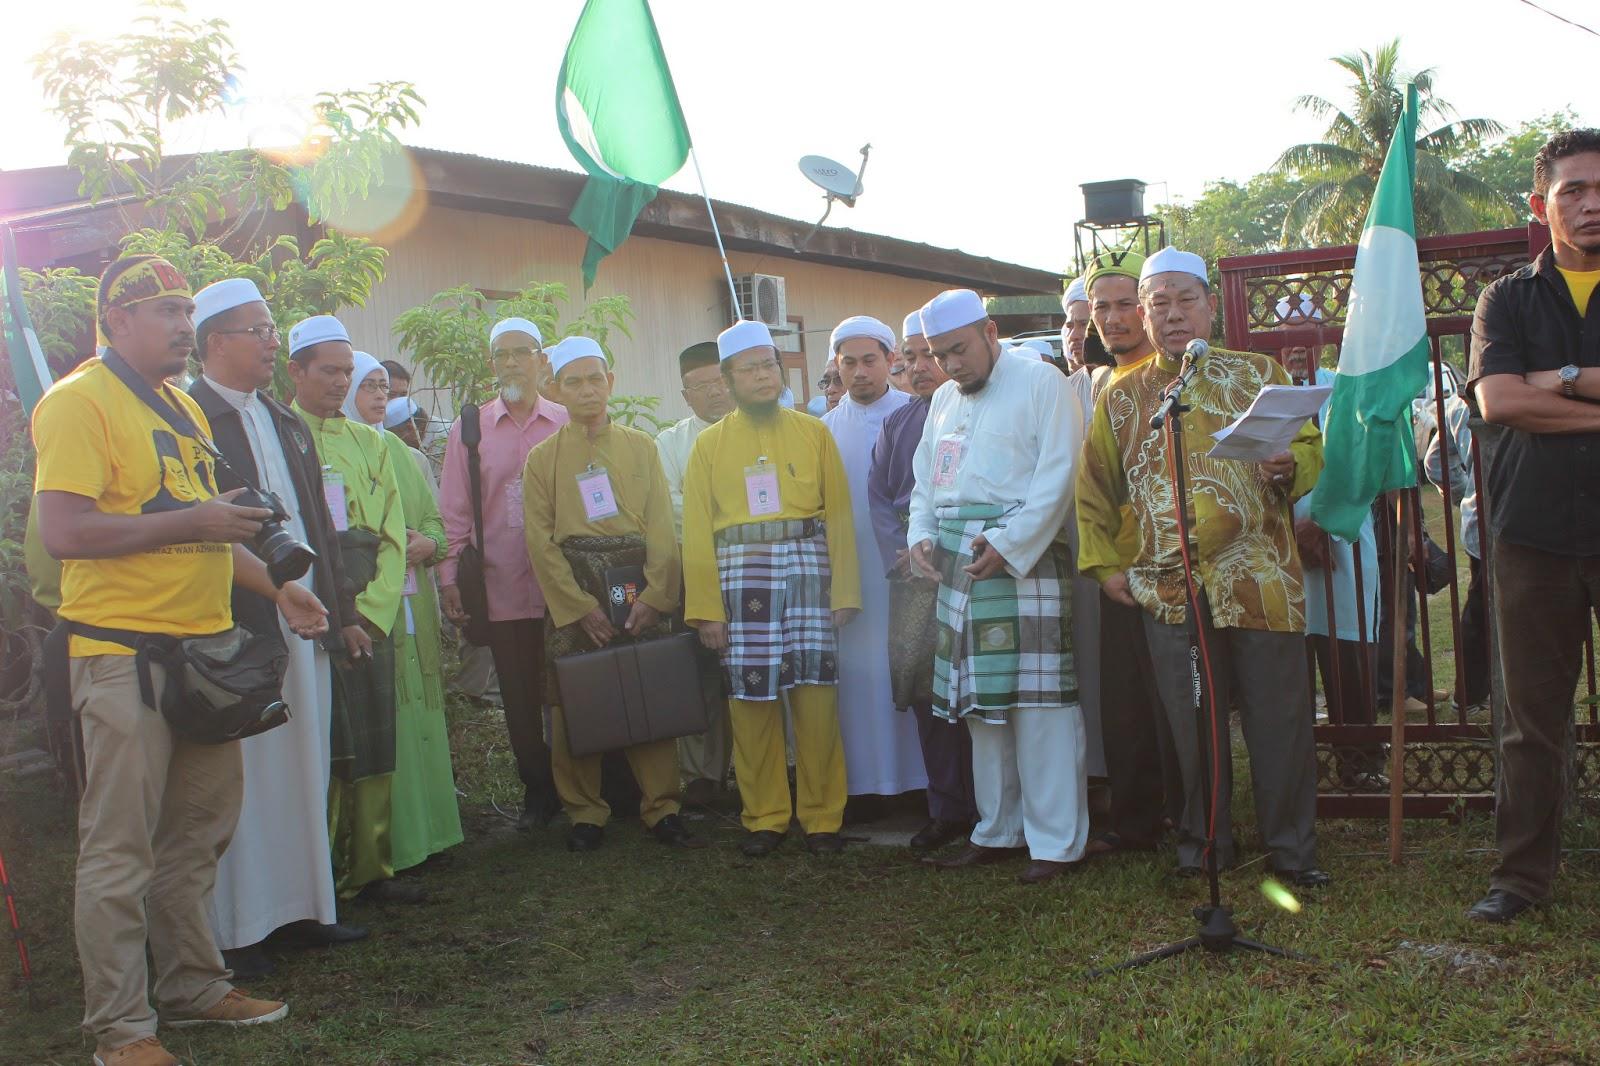 Tunjukkan Syakhsiah Islamiyah - Ketua Dewan Ulamak